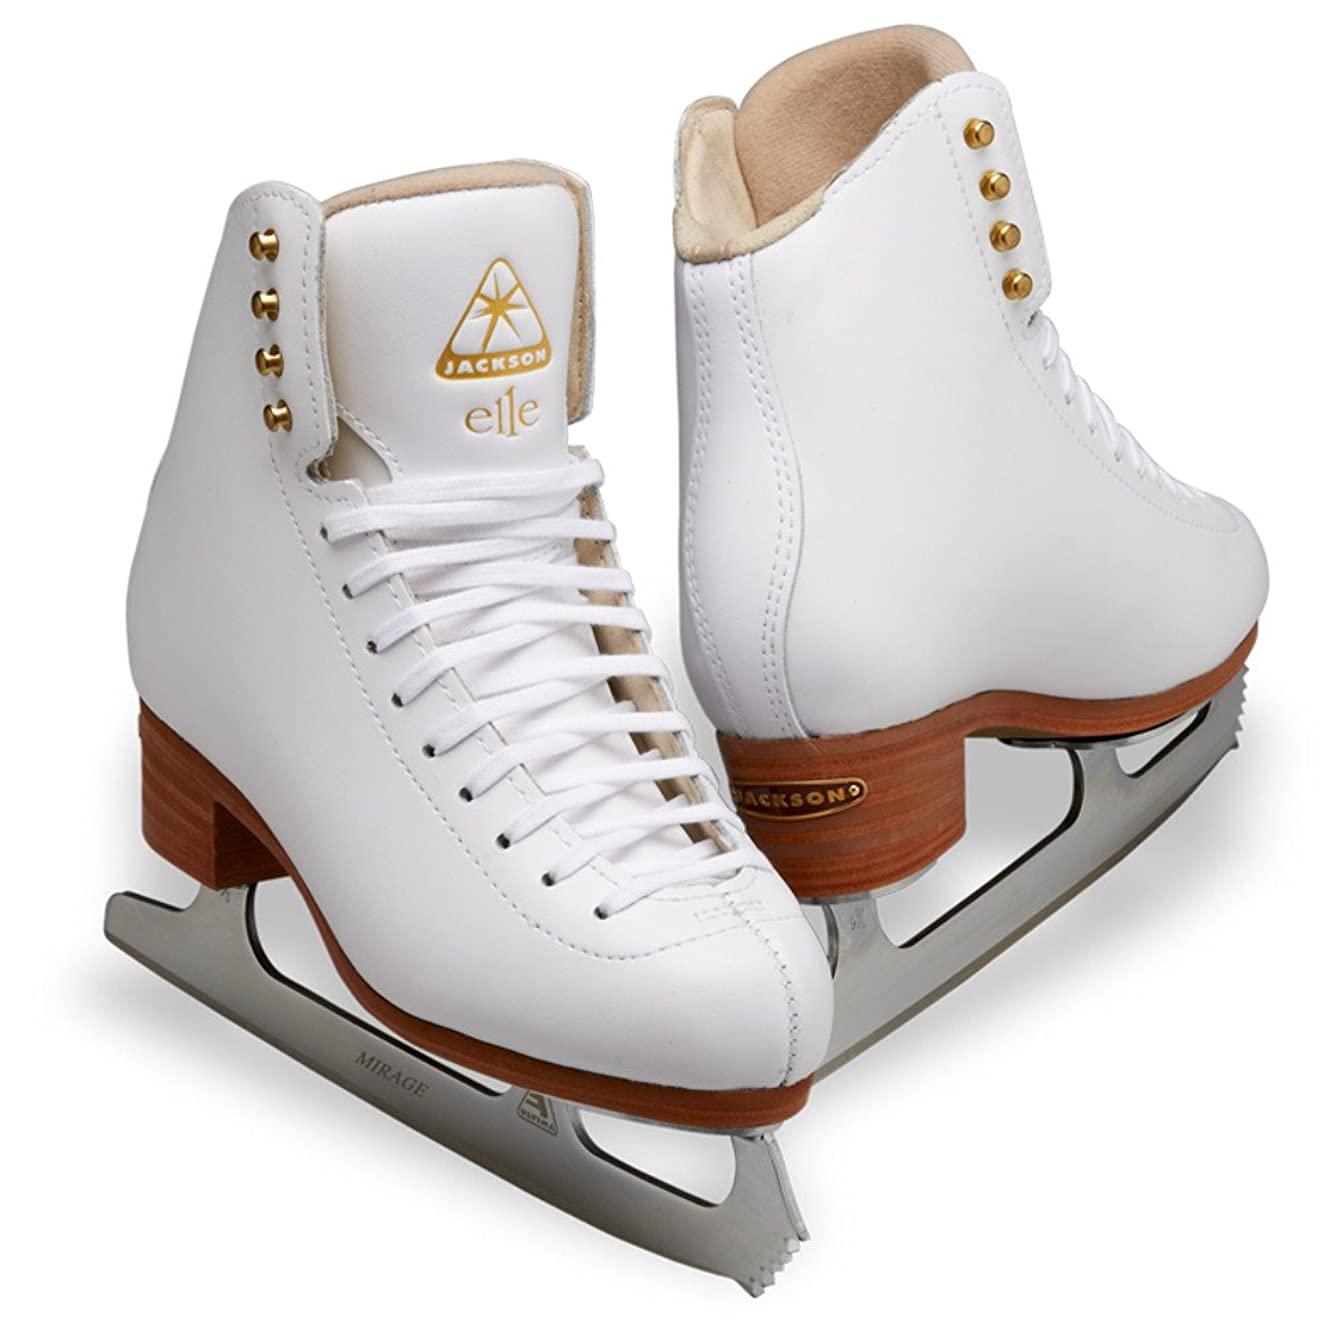 偽造毒割合Jackson DJ2130 Elle レディース アイススケート ホワイトエントリーレベル フィギュアスケート用